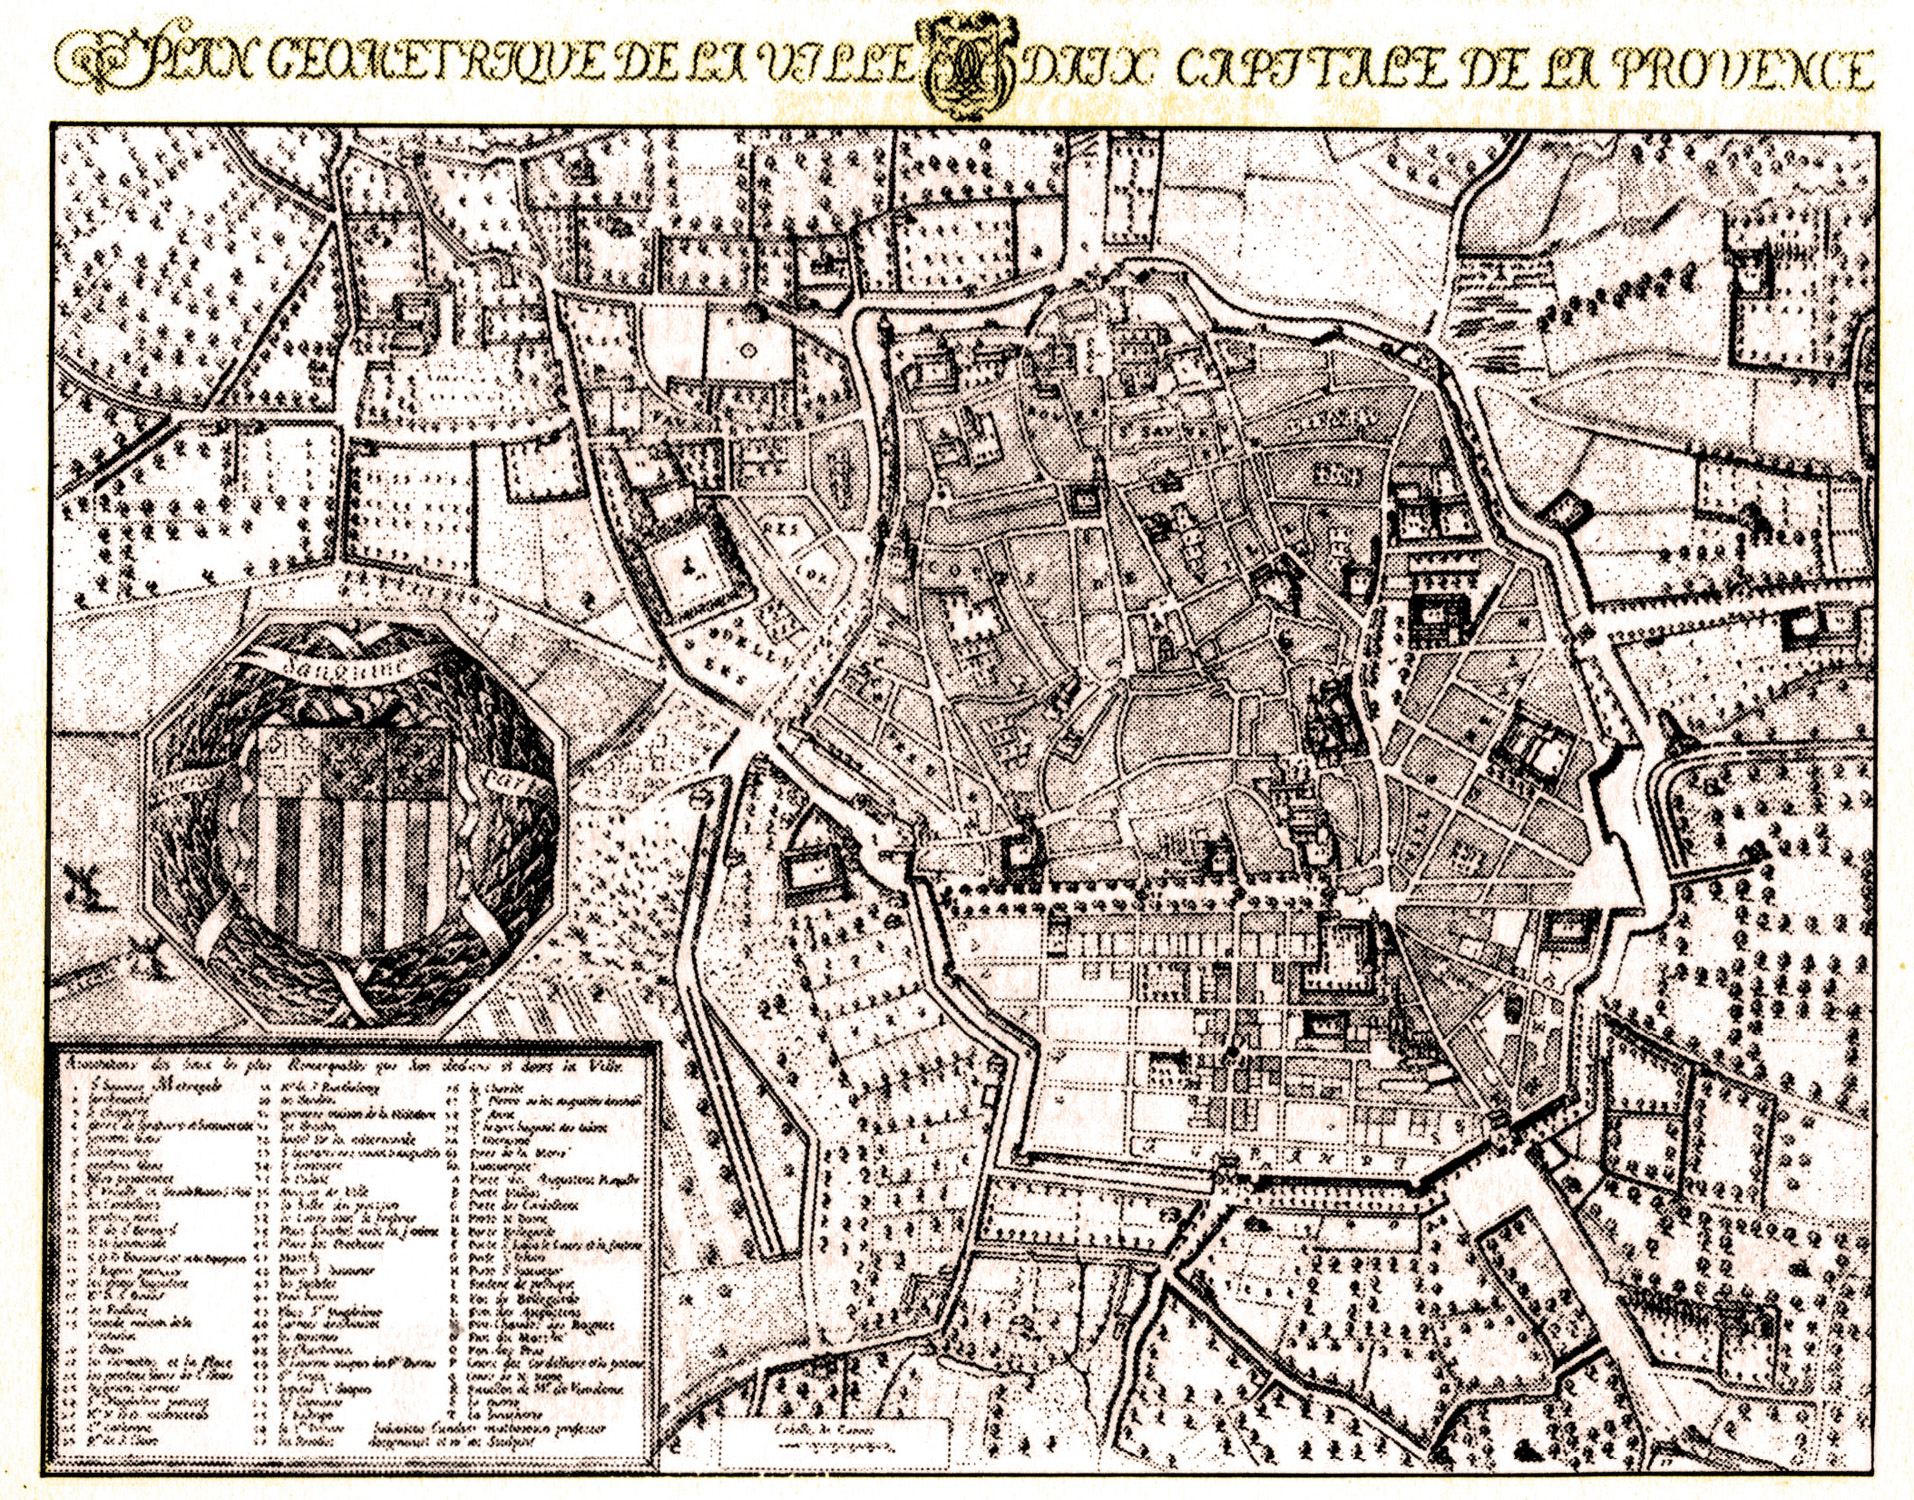 Plan Cul Montpellier : Rencontre Coquine Pour Du Sexe Sur Montpellier